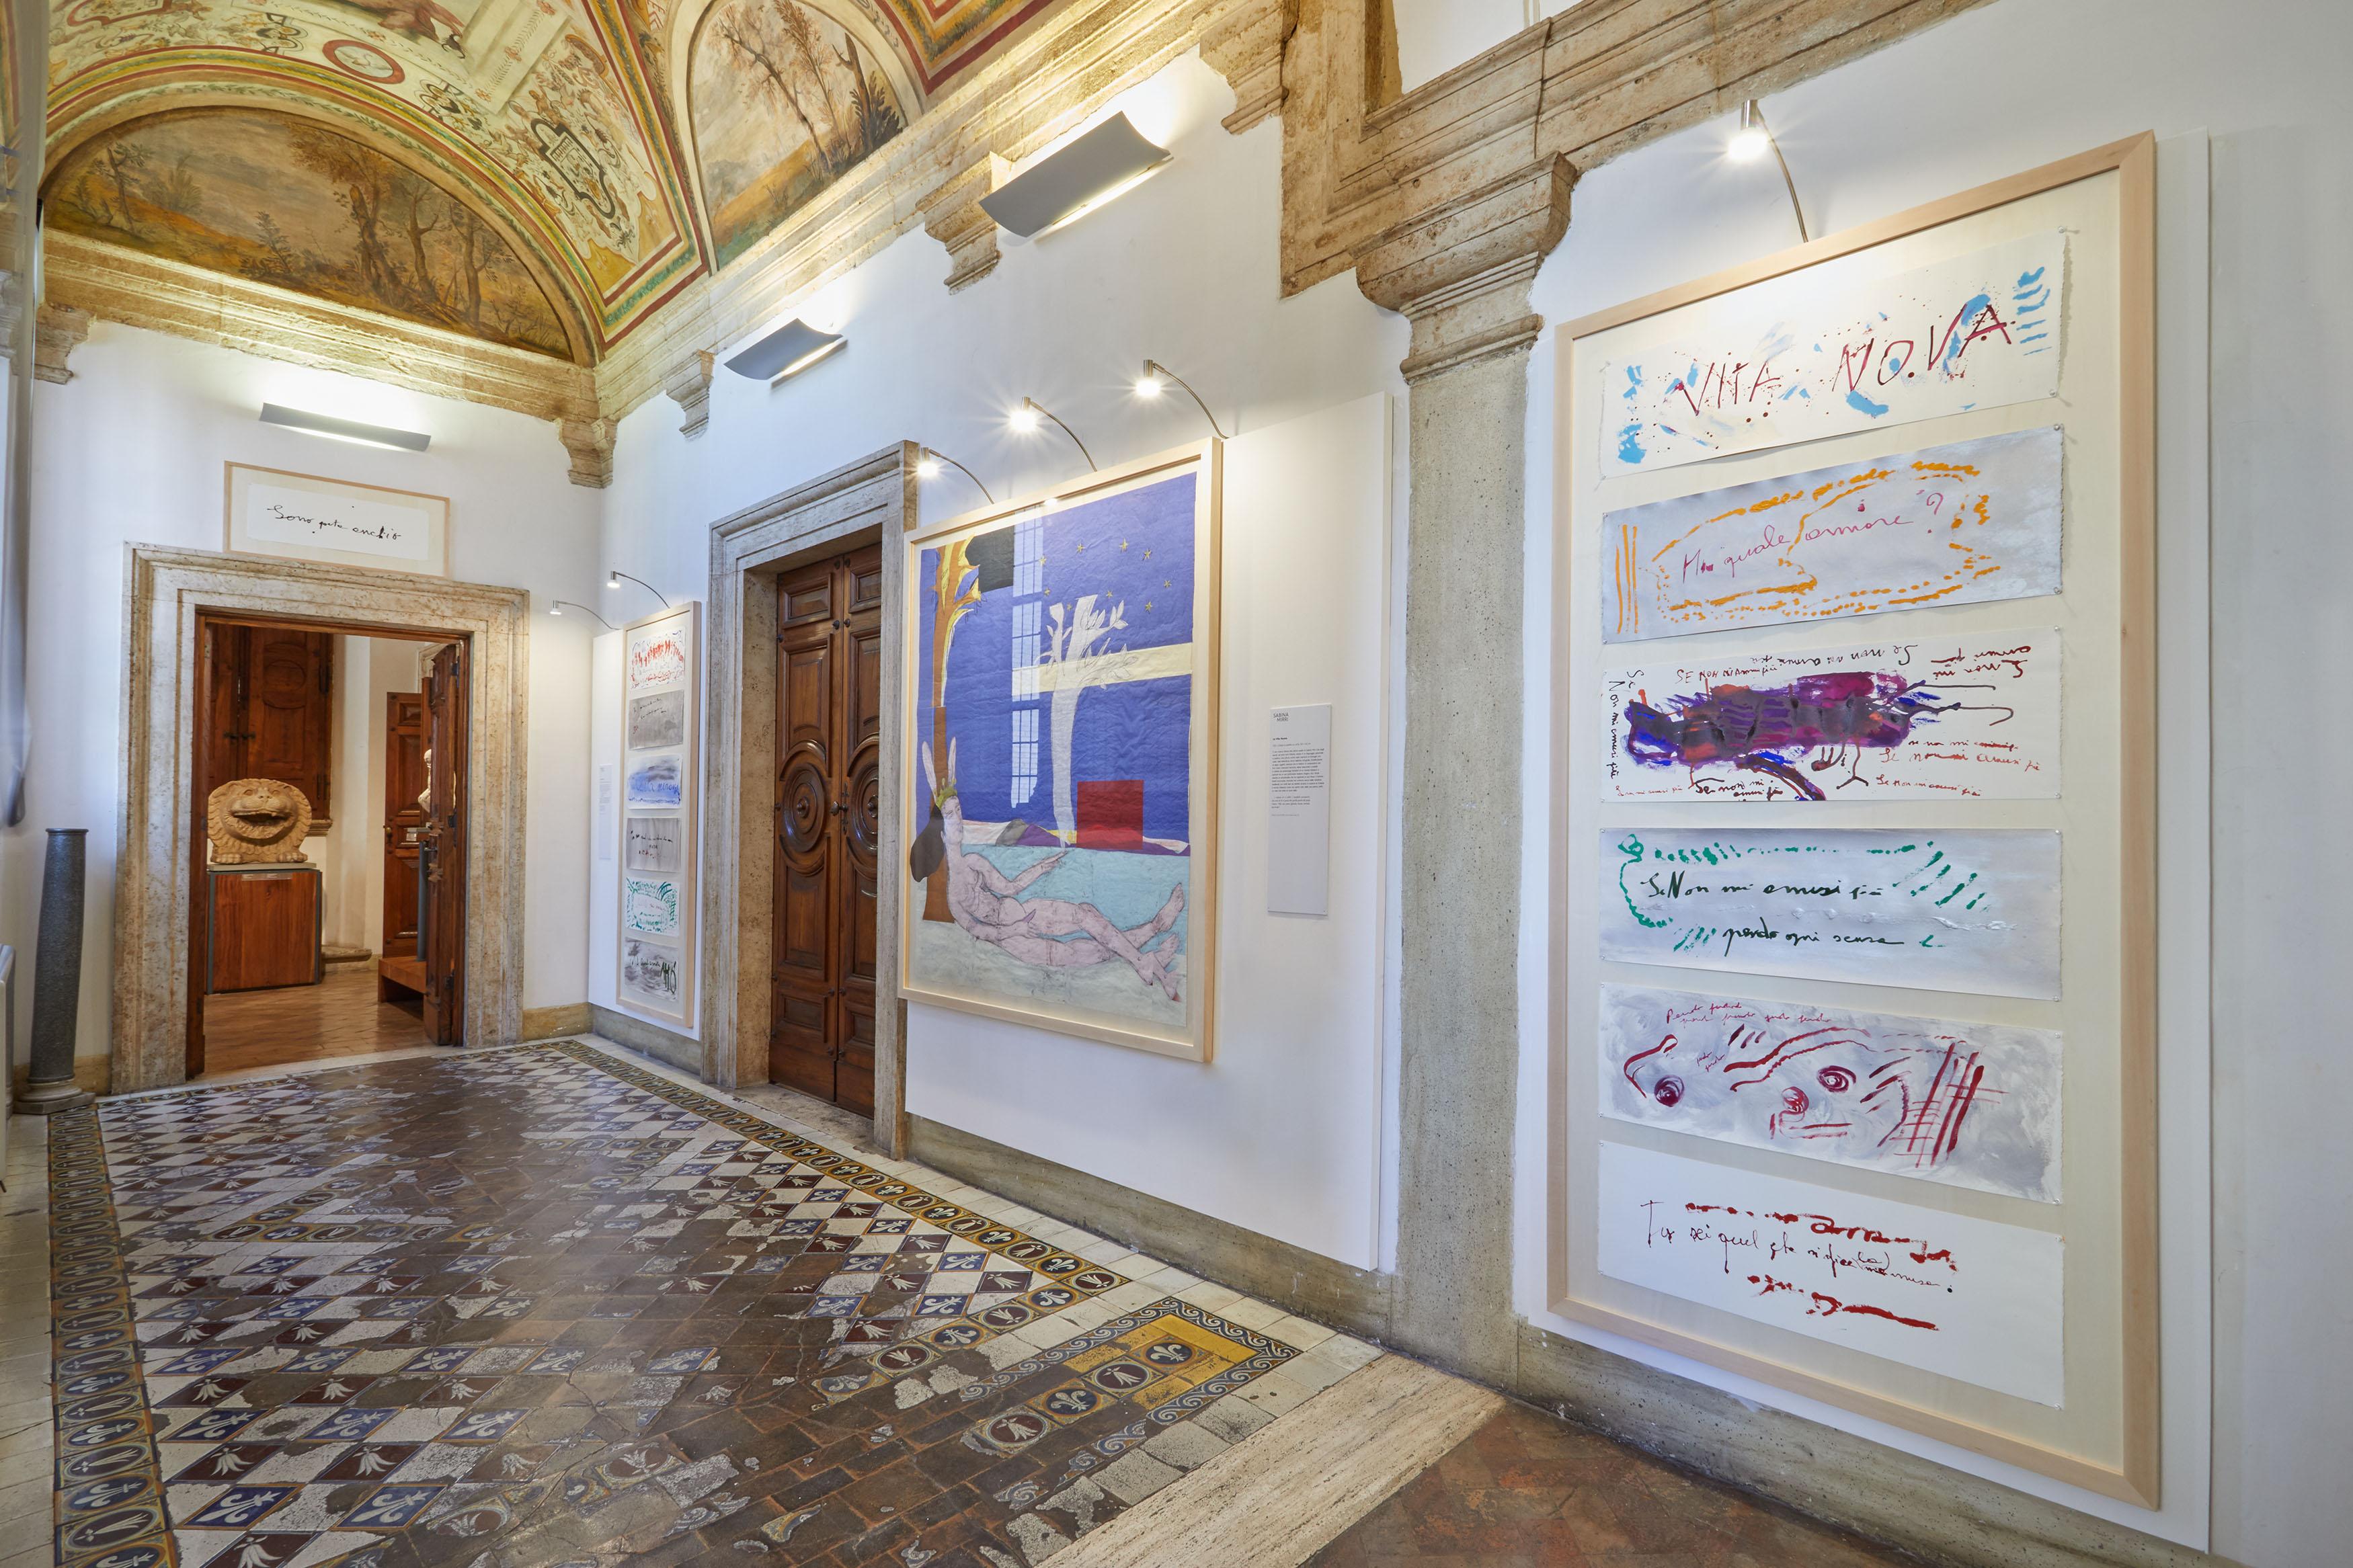 Patrizia Cavalli e Sabina Mirri, La Vita Nova. L'amore in Dante nello sguardo di 10 artiste, Roma, Museo di Scultura Antica Giovanni Barracco, installation view, ph. Simon d'Exéa